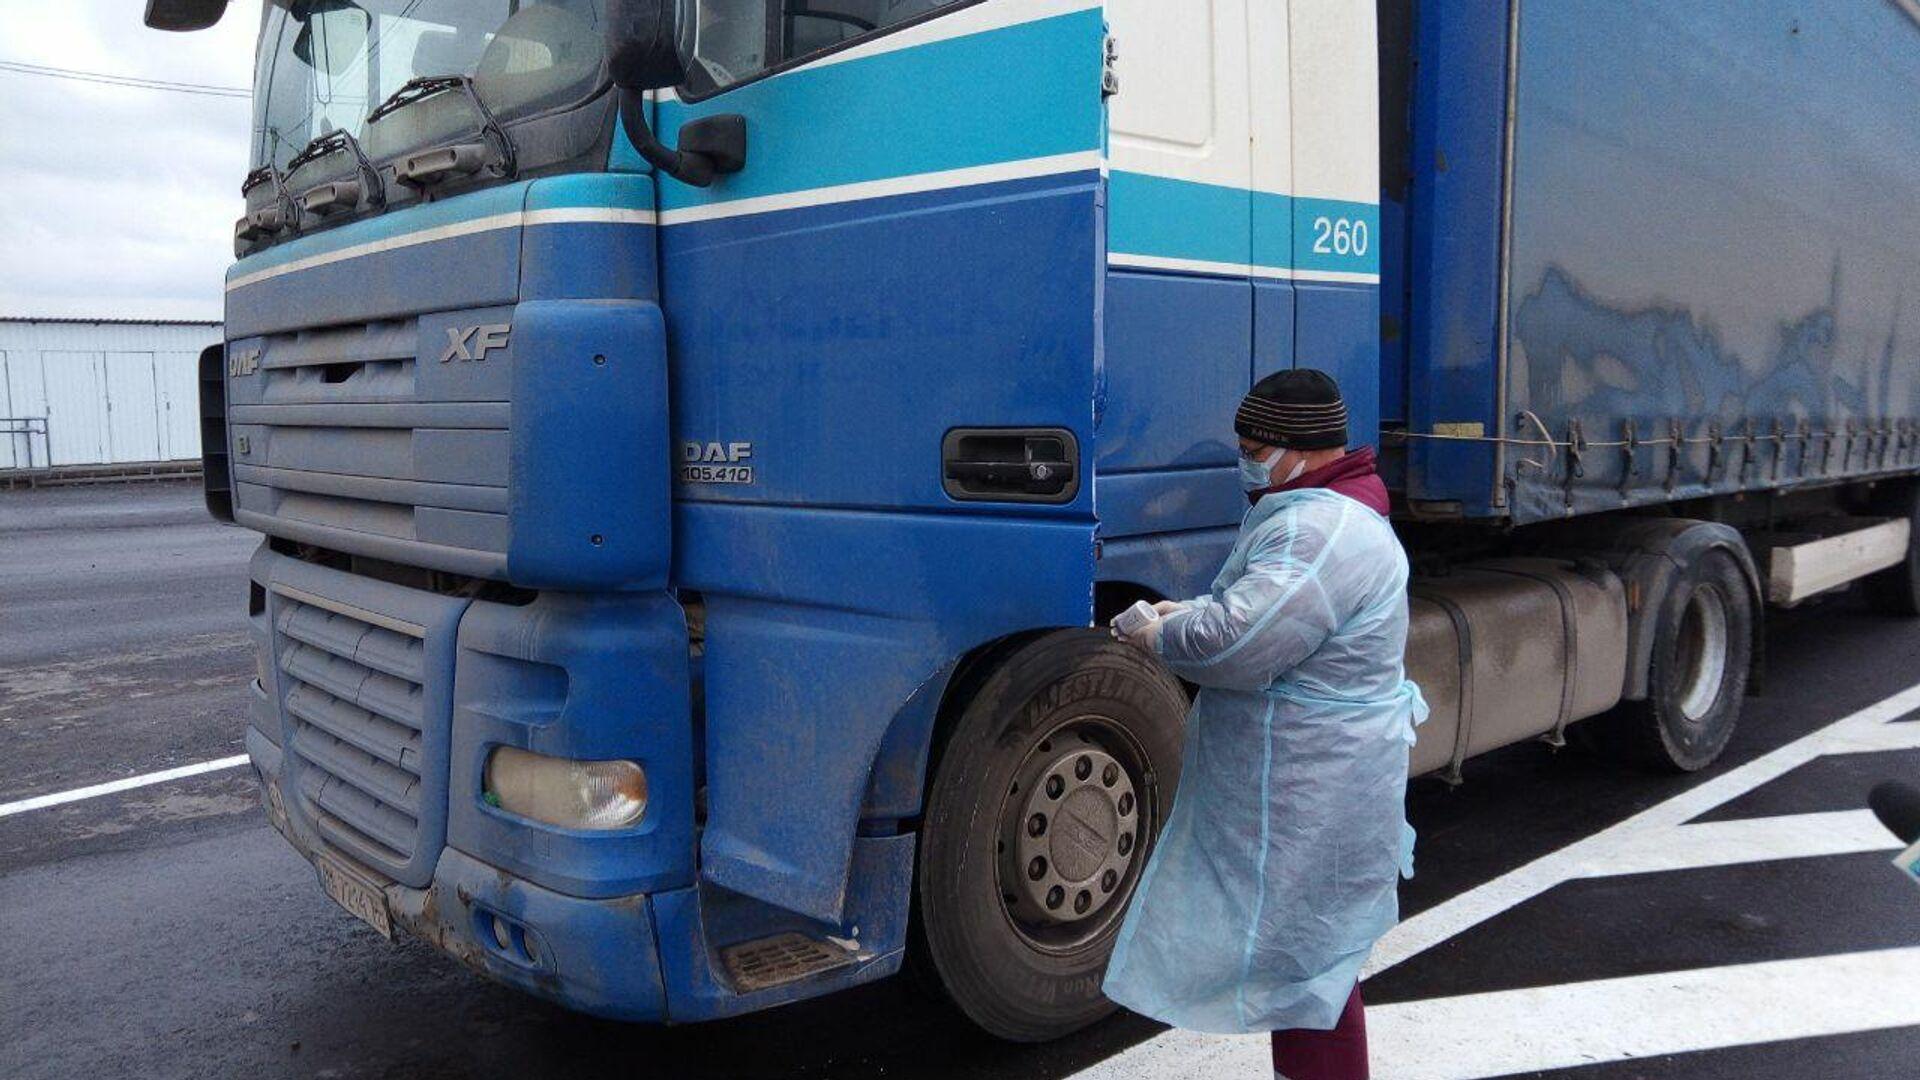 Прибытие гуманитарного груза ООН на КПП Луганск-Счастье - РИА Новости, 1920, 03.03.2021